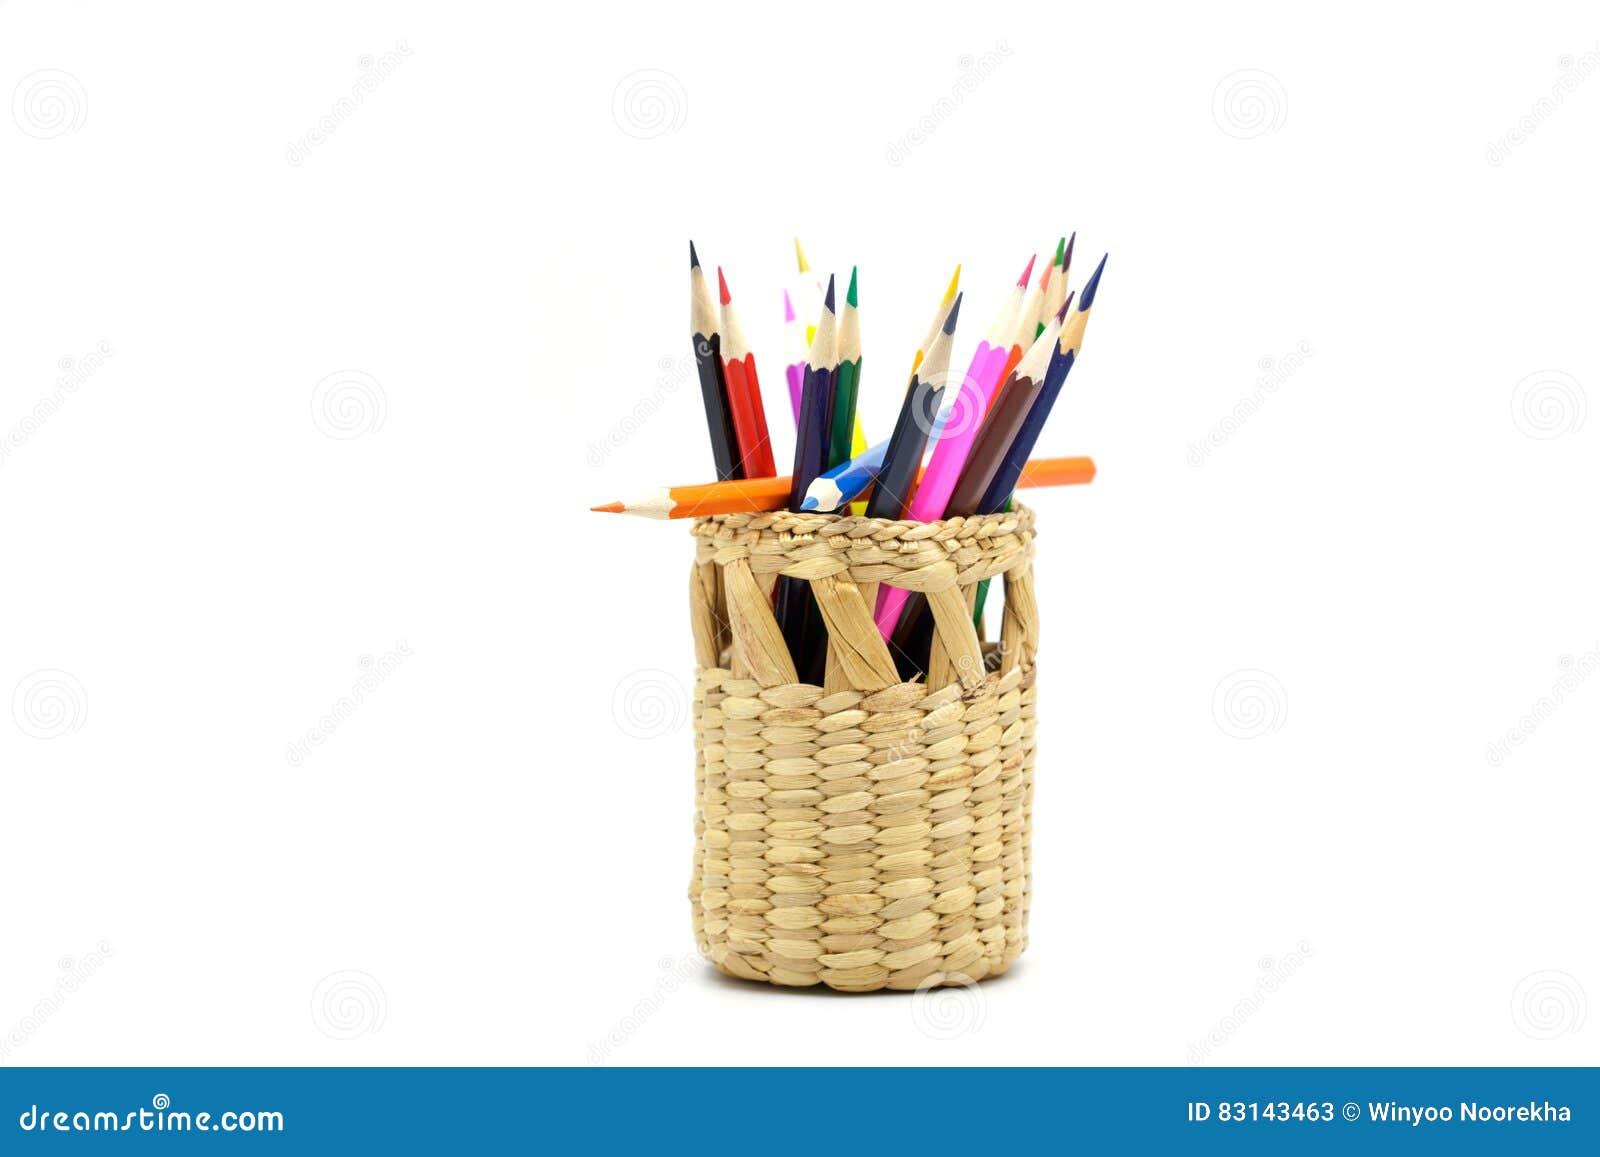 Crayons De Couleur Dans Le Panier En Osier Image Stock Image Du